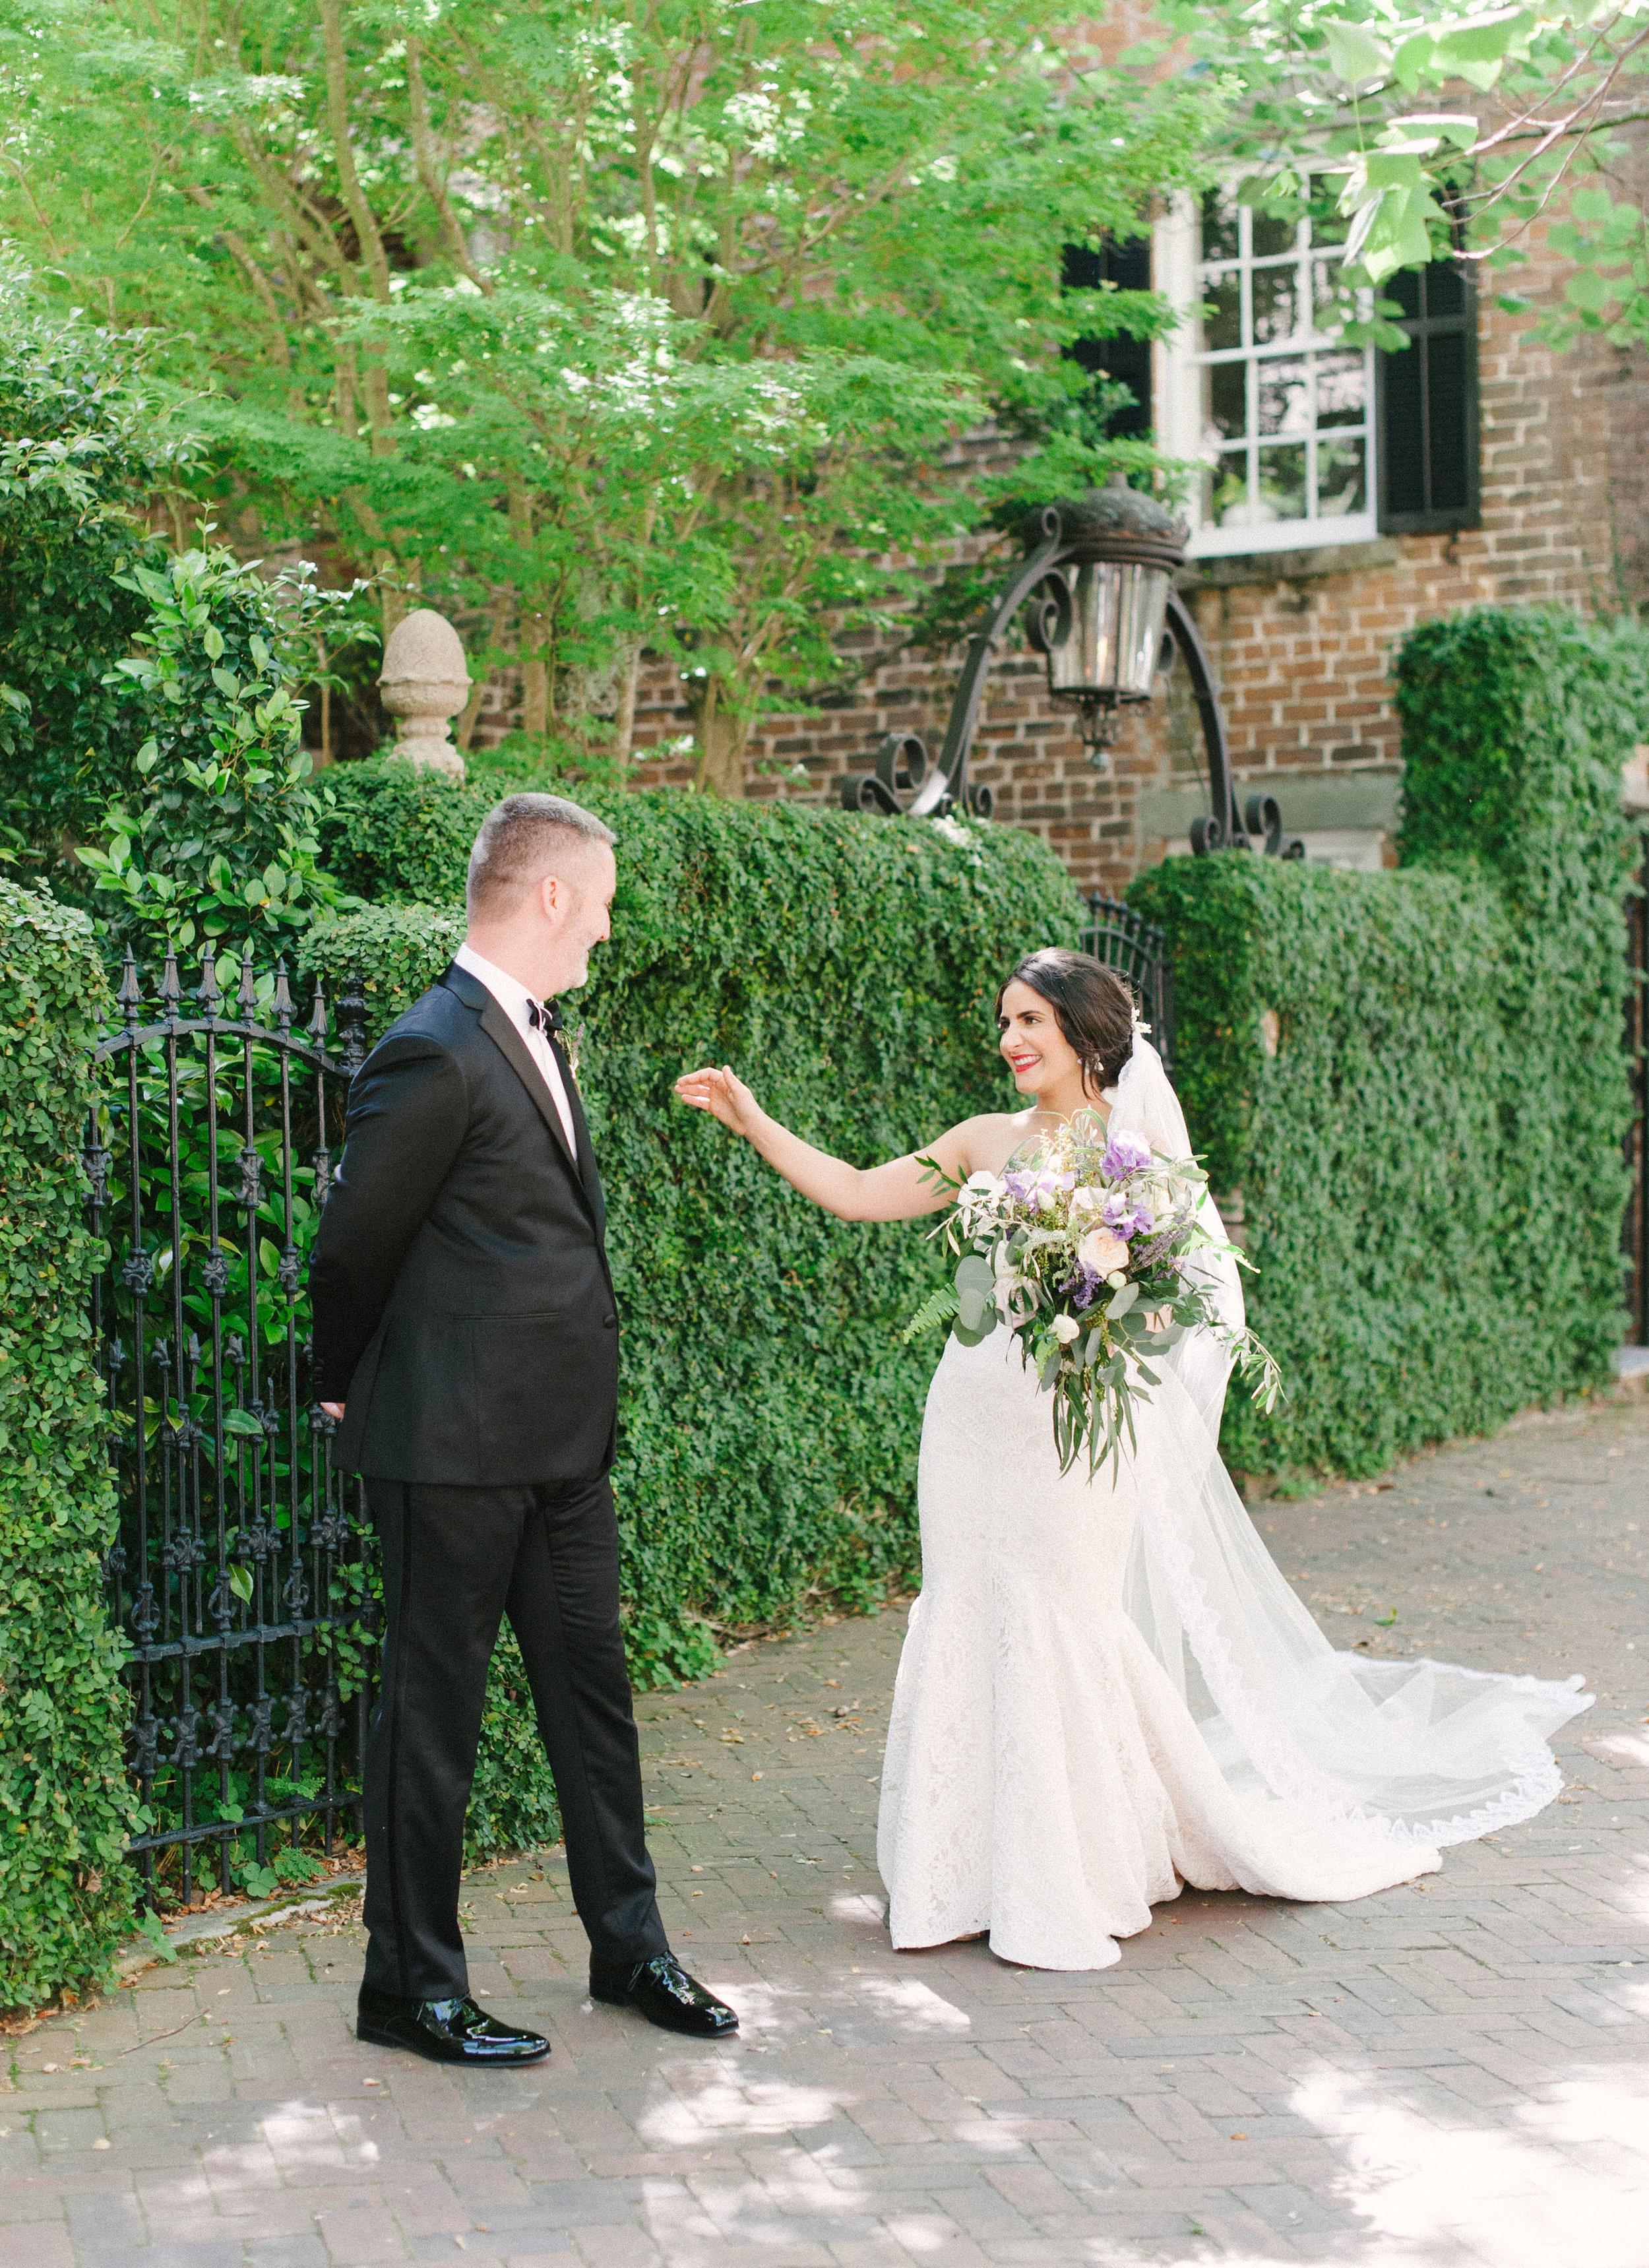 20-ivory-and-beau-bridal-boutique-wedding-dress-bridal-shop-alexjanelle_joshmorehousephotography-105.jpg